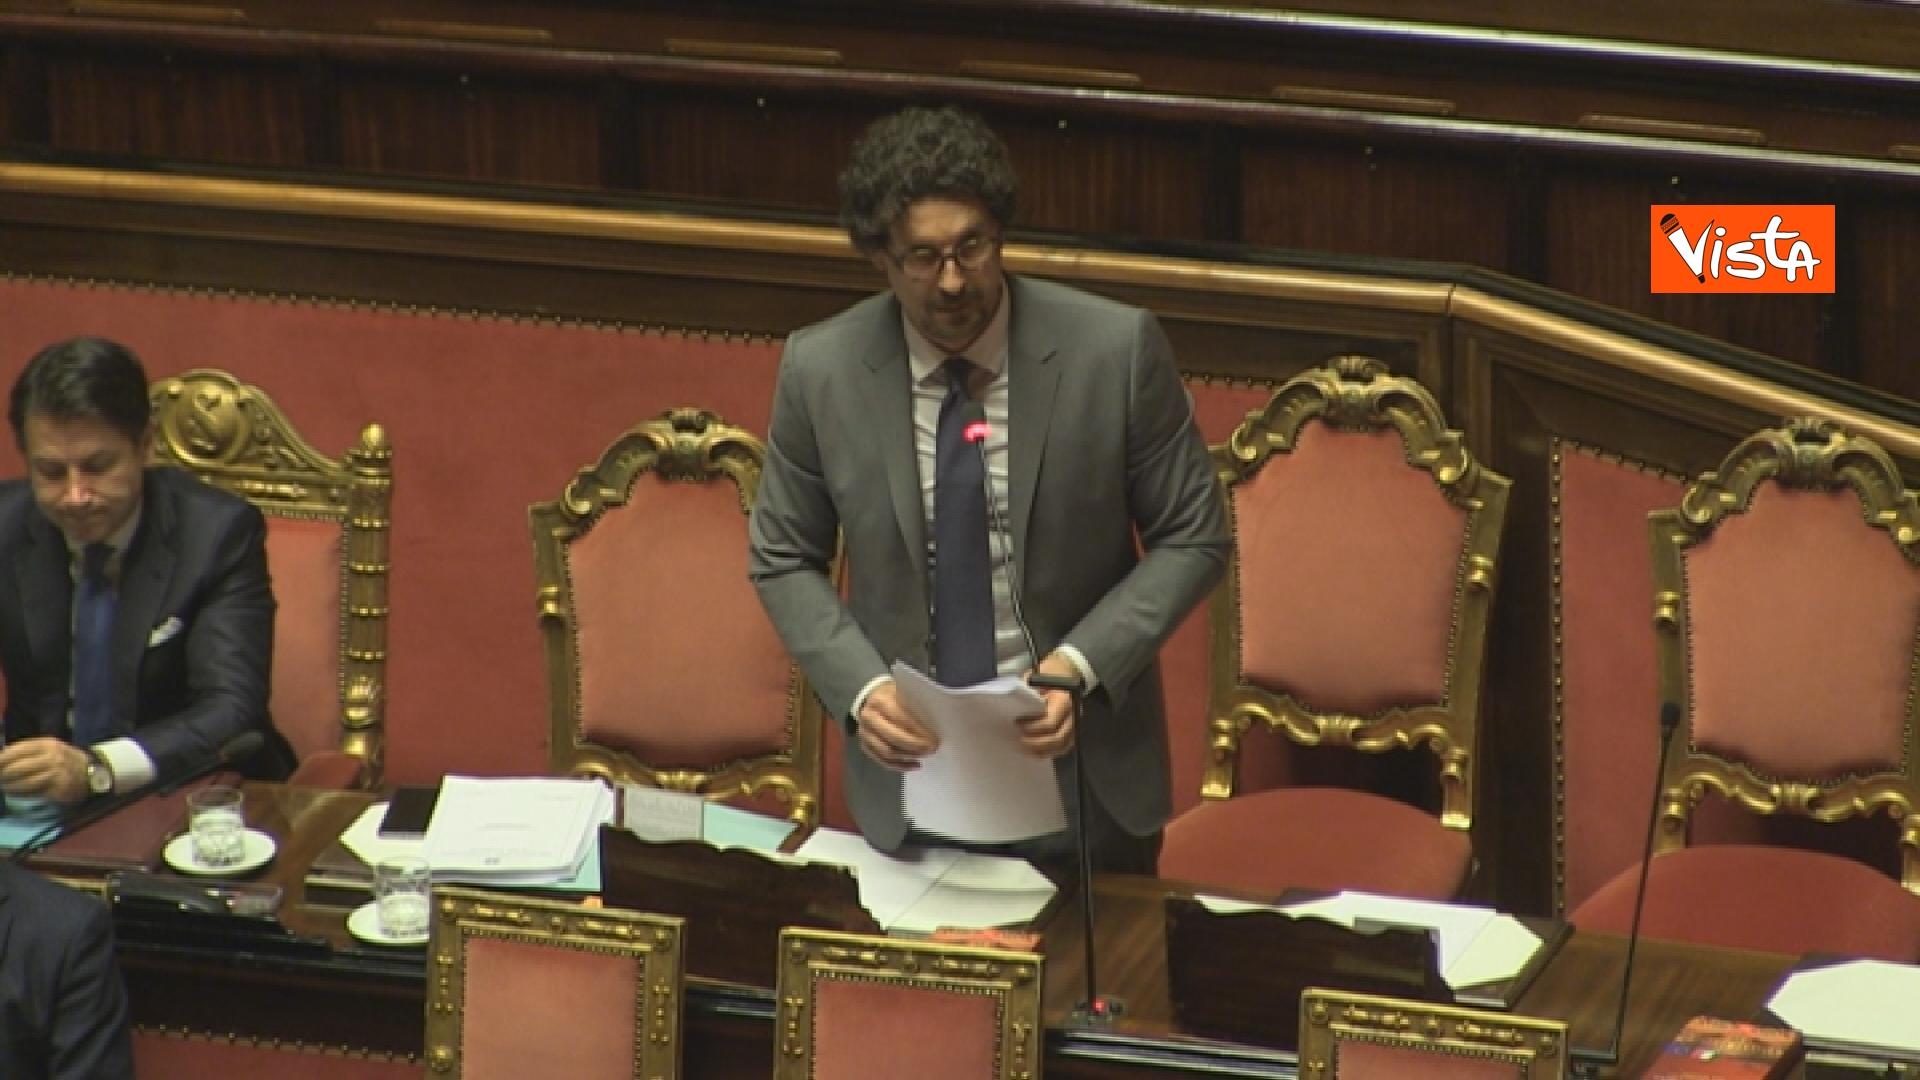 21-03-19 Mozione sfiducia per Toninelli al Senato le immagini dell Aula_il ministro durante il suo intervento 04